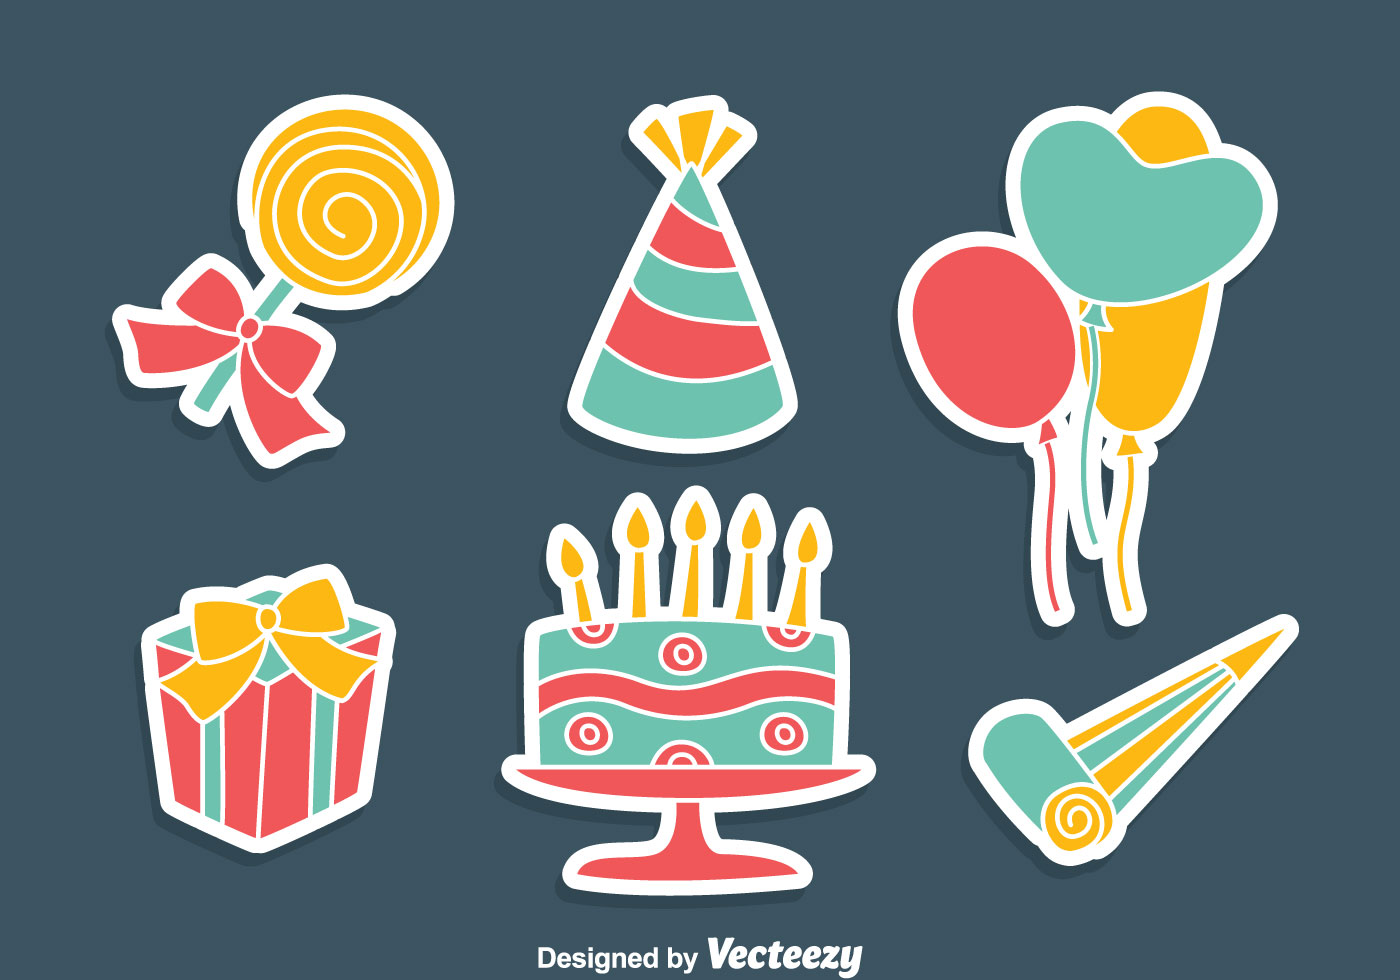 生日蛋糕圖 免費下載 | 天天瘋後製